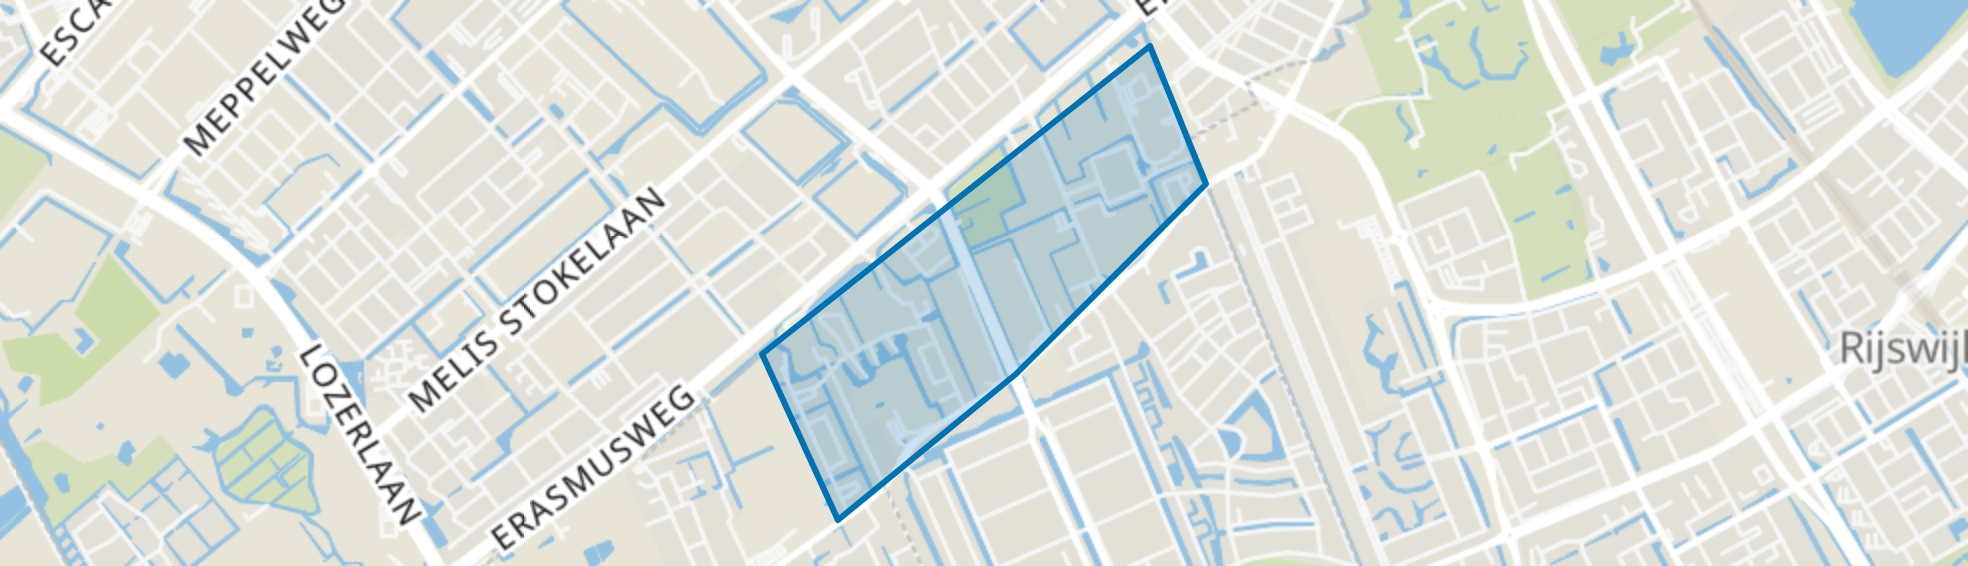 Erasmus Veld, Den Haag map